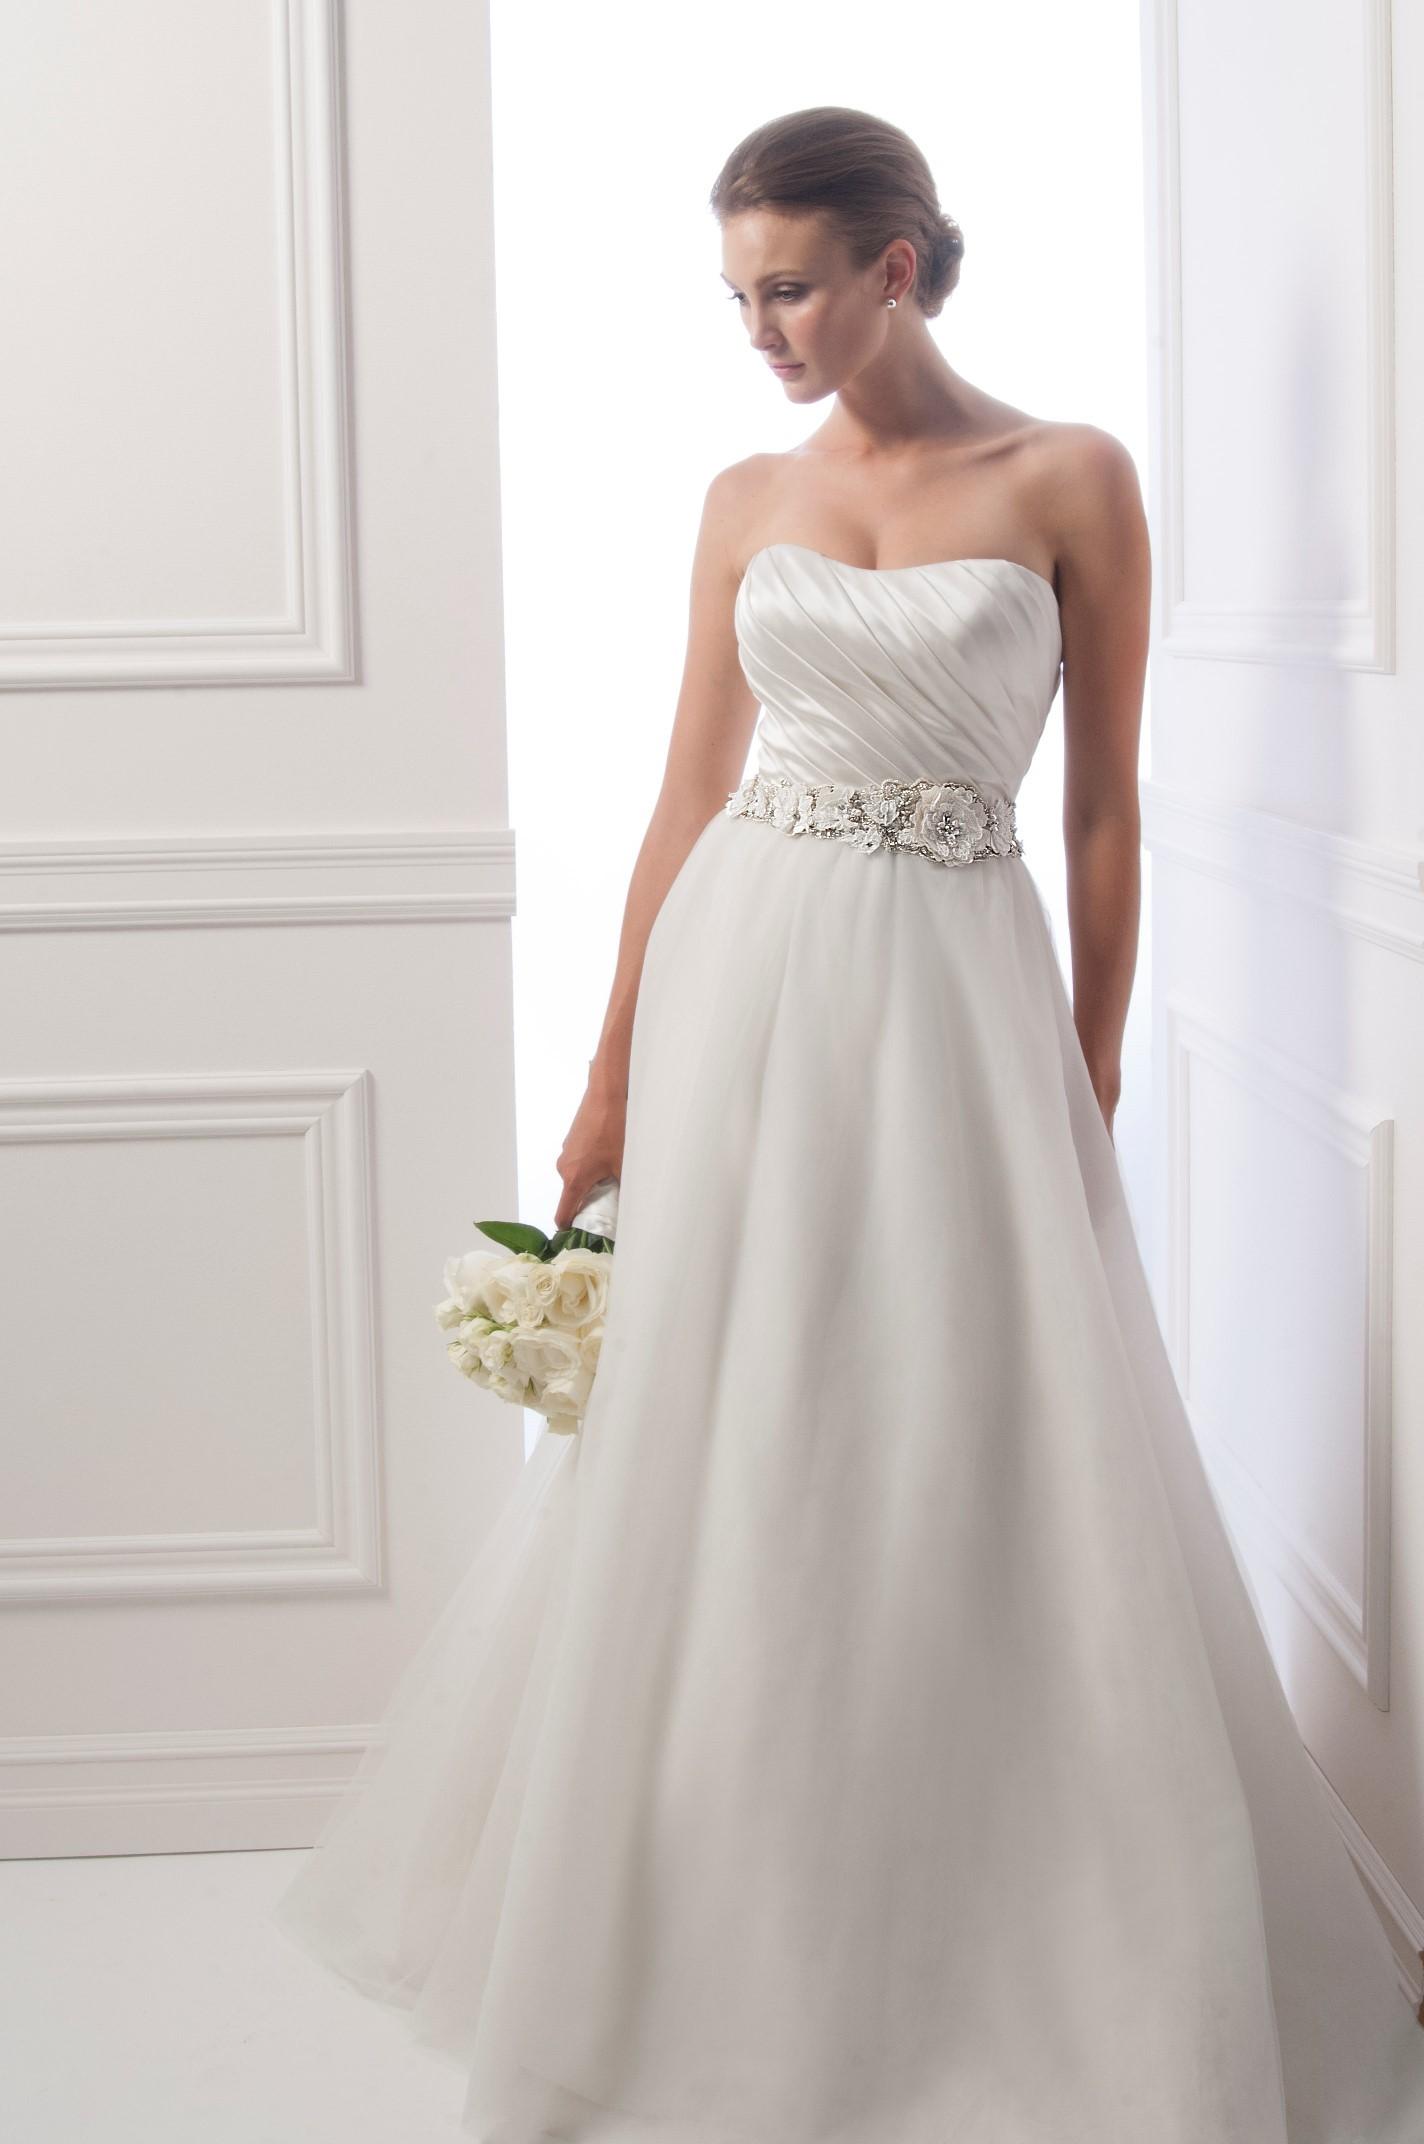 Dress - Alfred Sung FALL 2013 BRIDAL - 6935 | AlfredSung Bridal